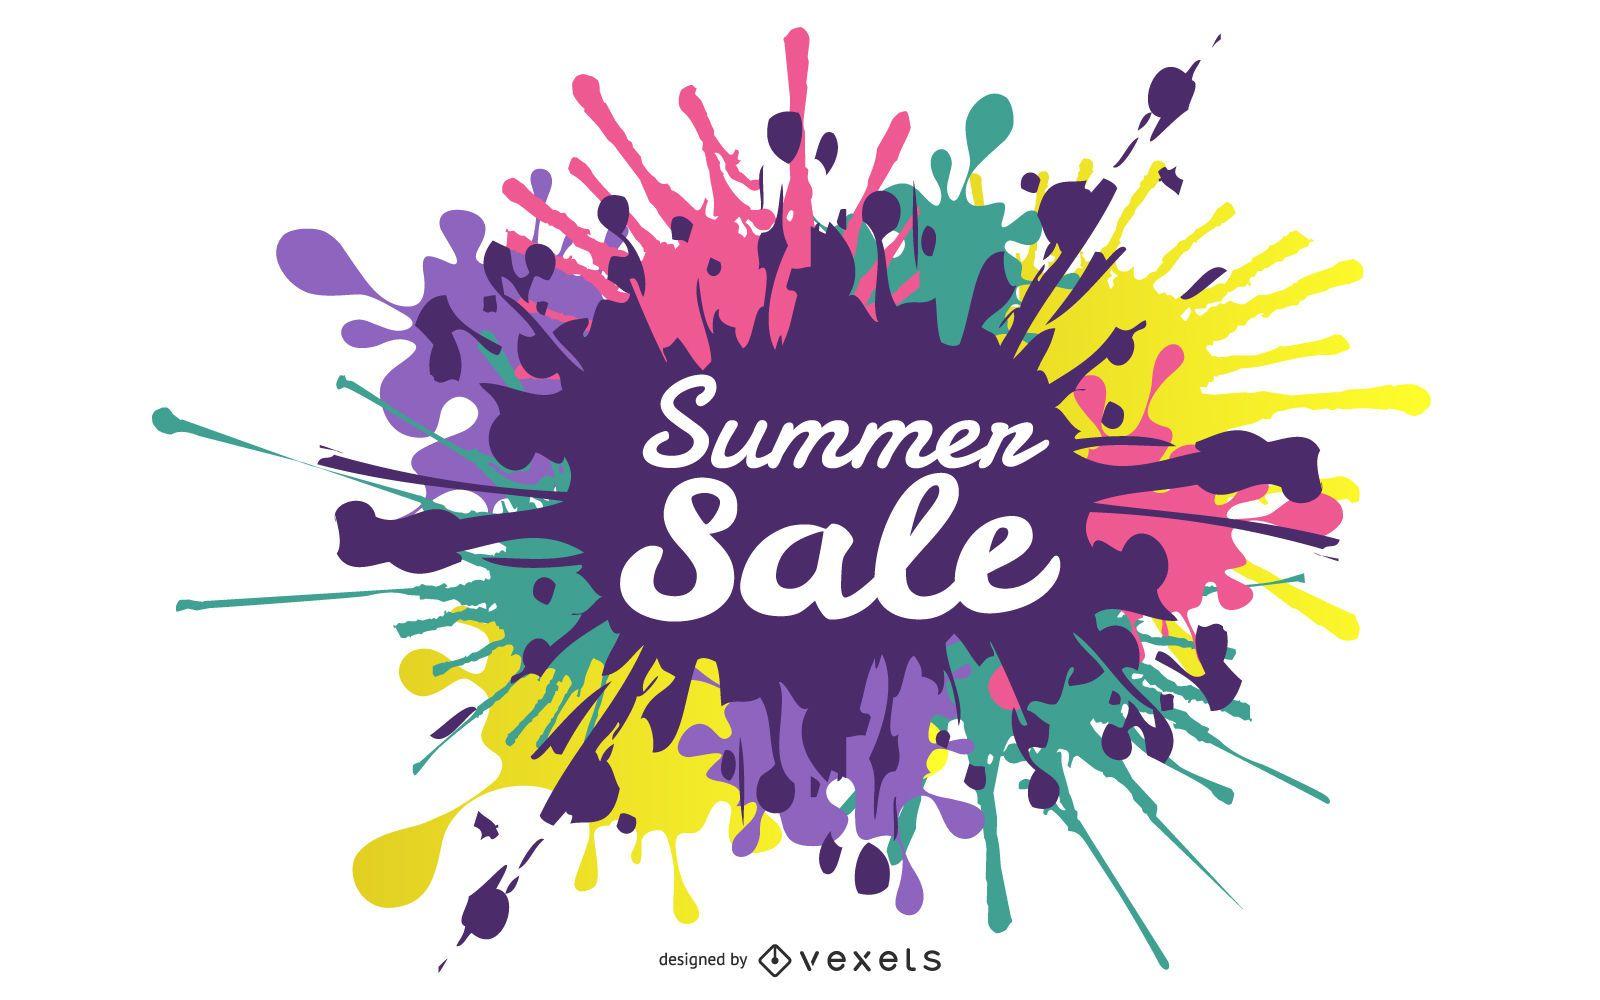 Summer Sale Splatter Text Design